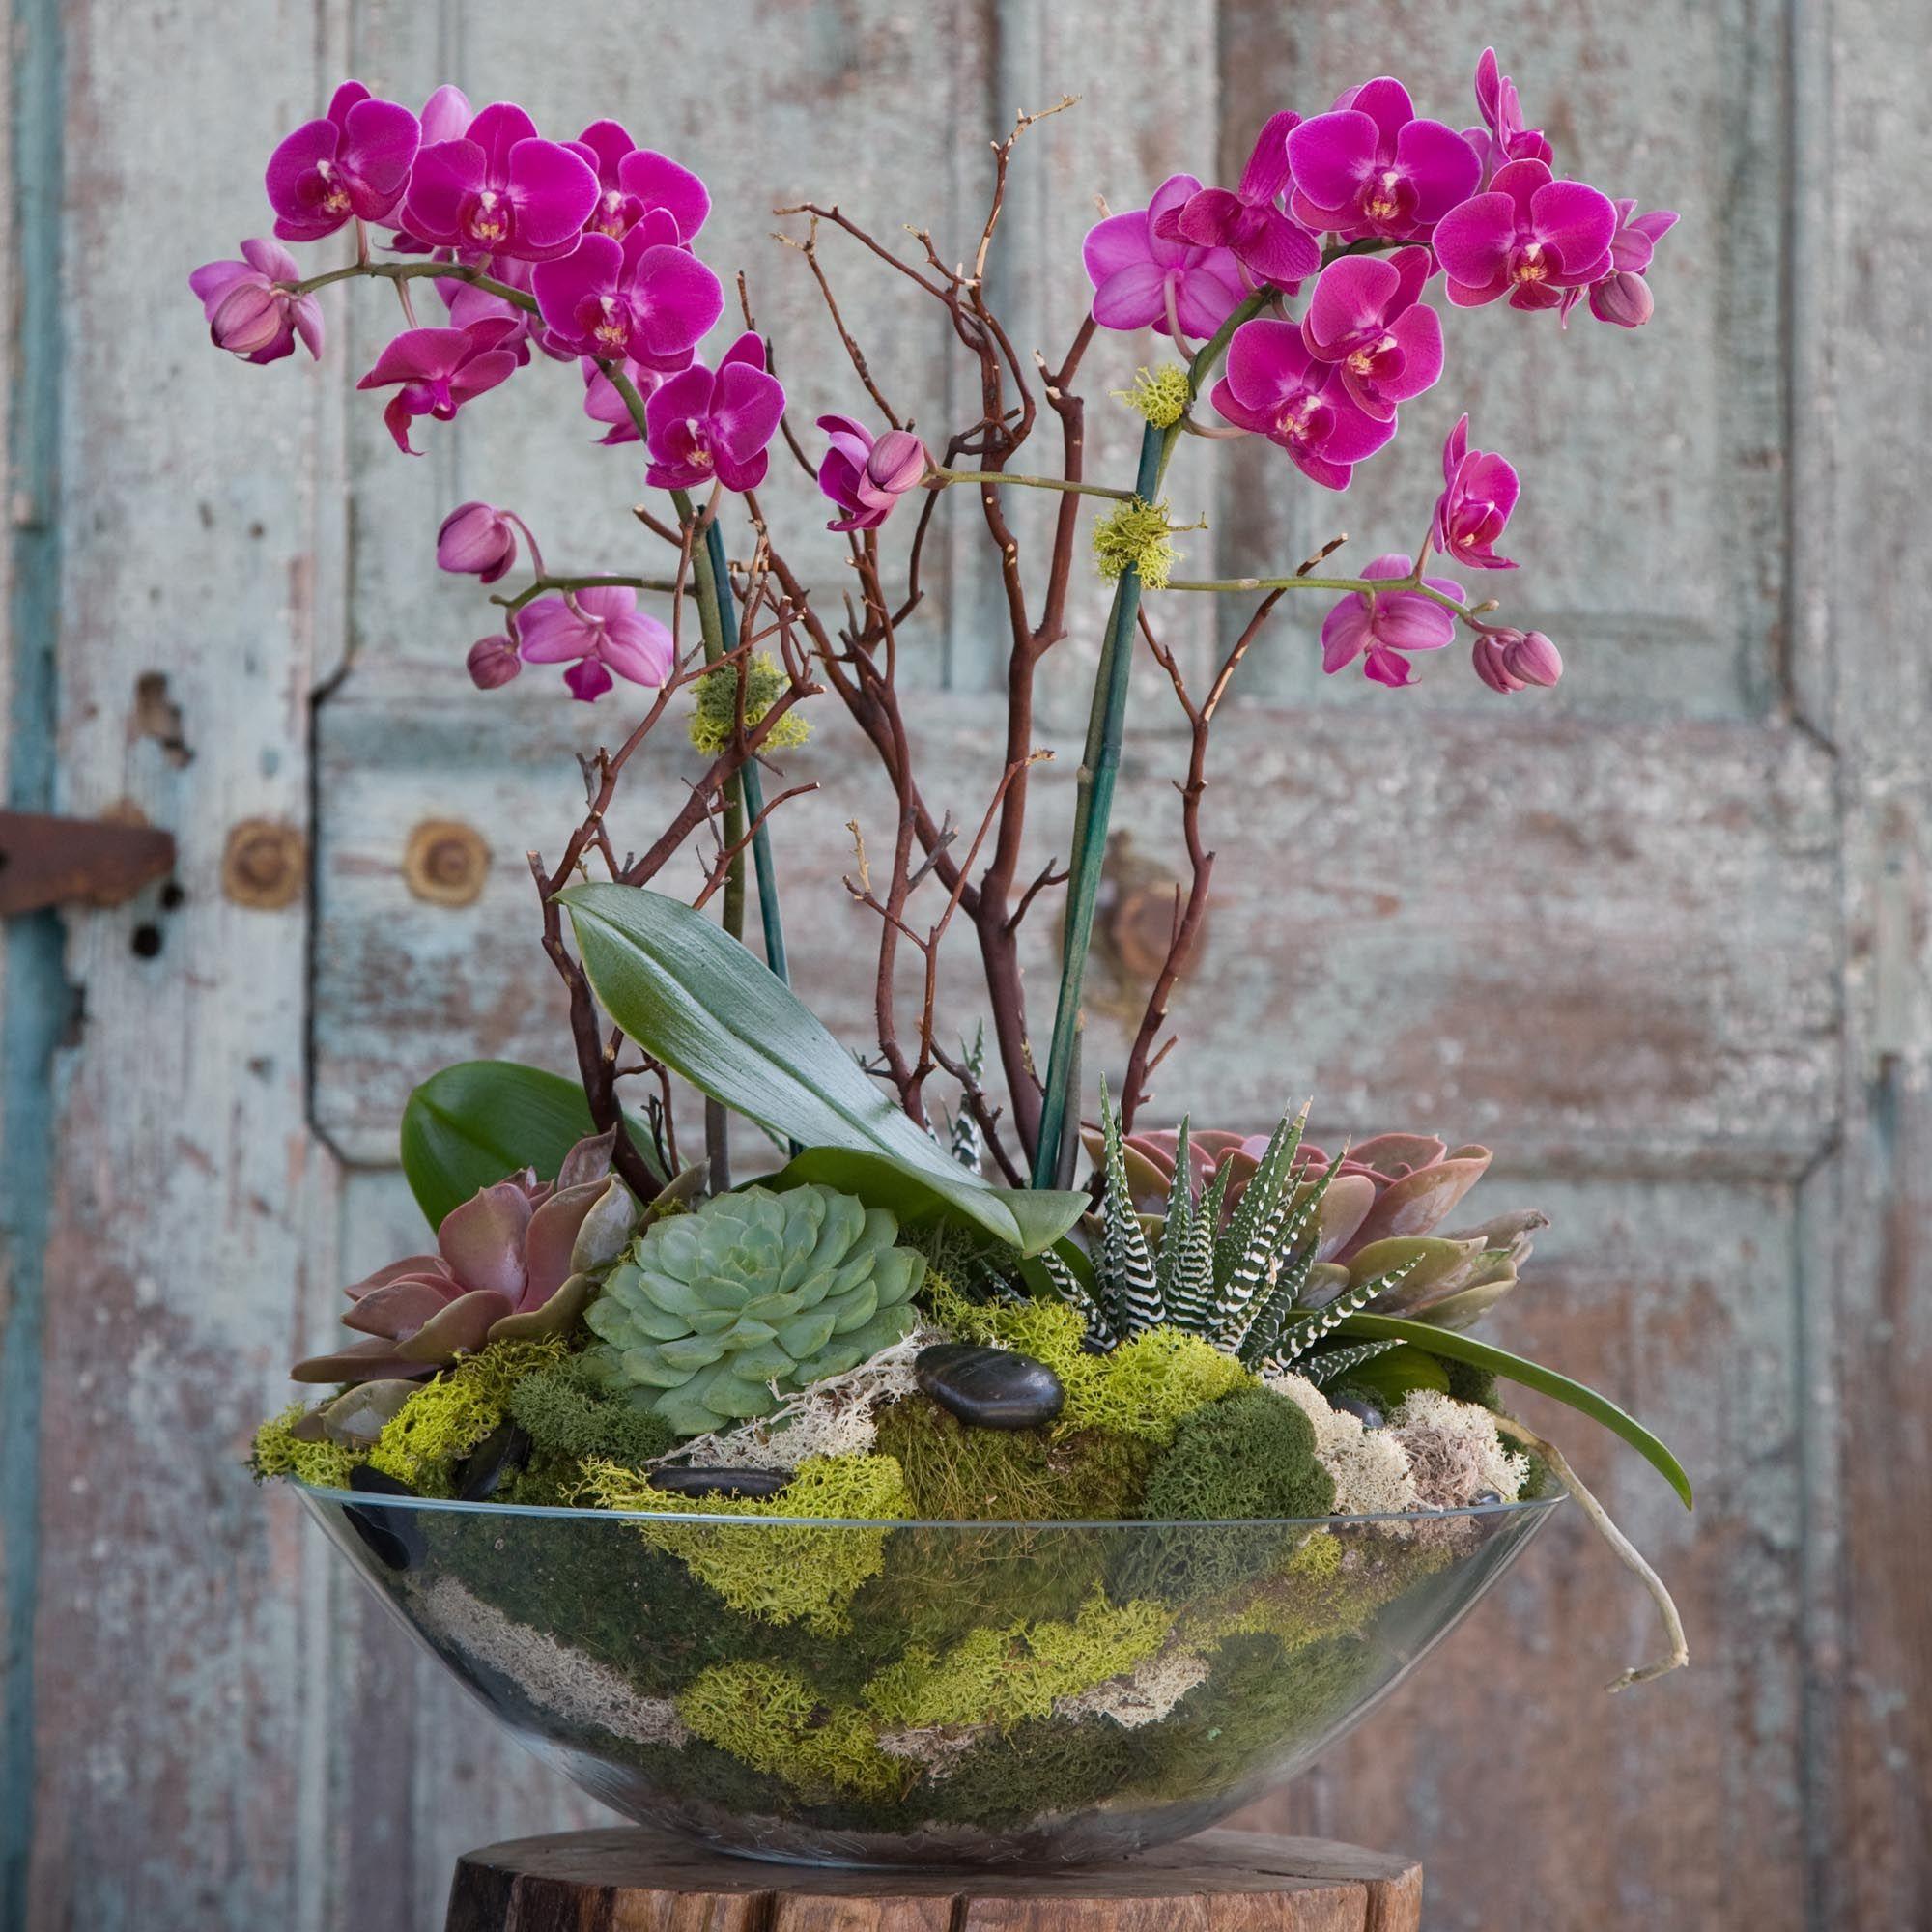 C1139 Enchanted Orchid Flower Arrangements Orchid Planters Orchid Arrangements